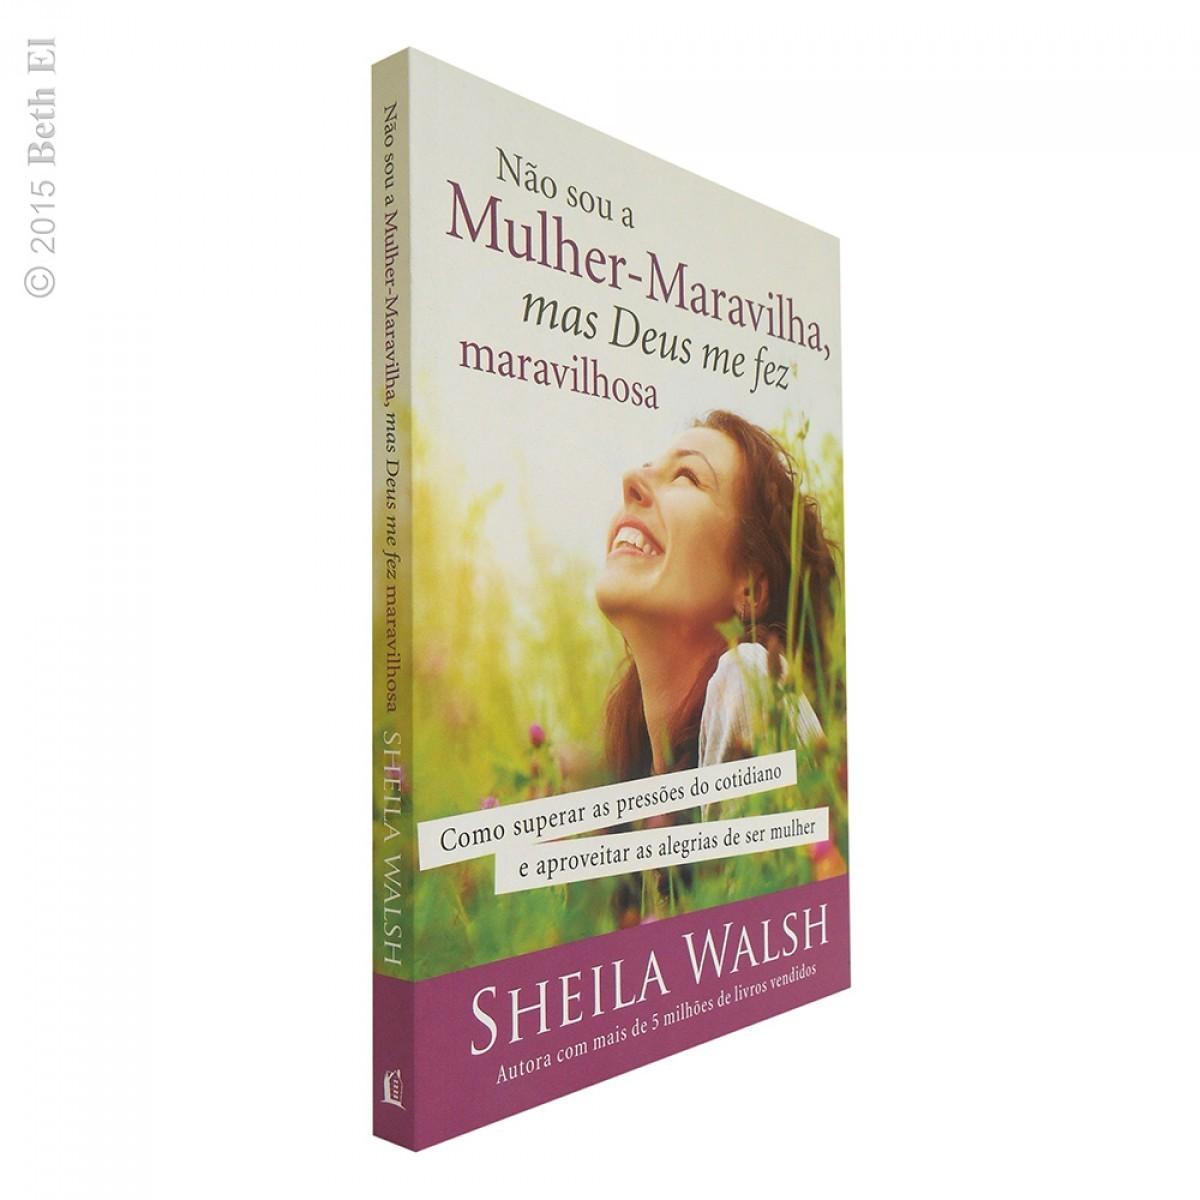 Livro Não Sou a Mulher-Maravilha, Mas Deus me Fez Maravilhosa